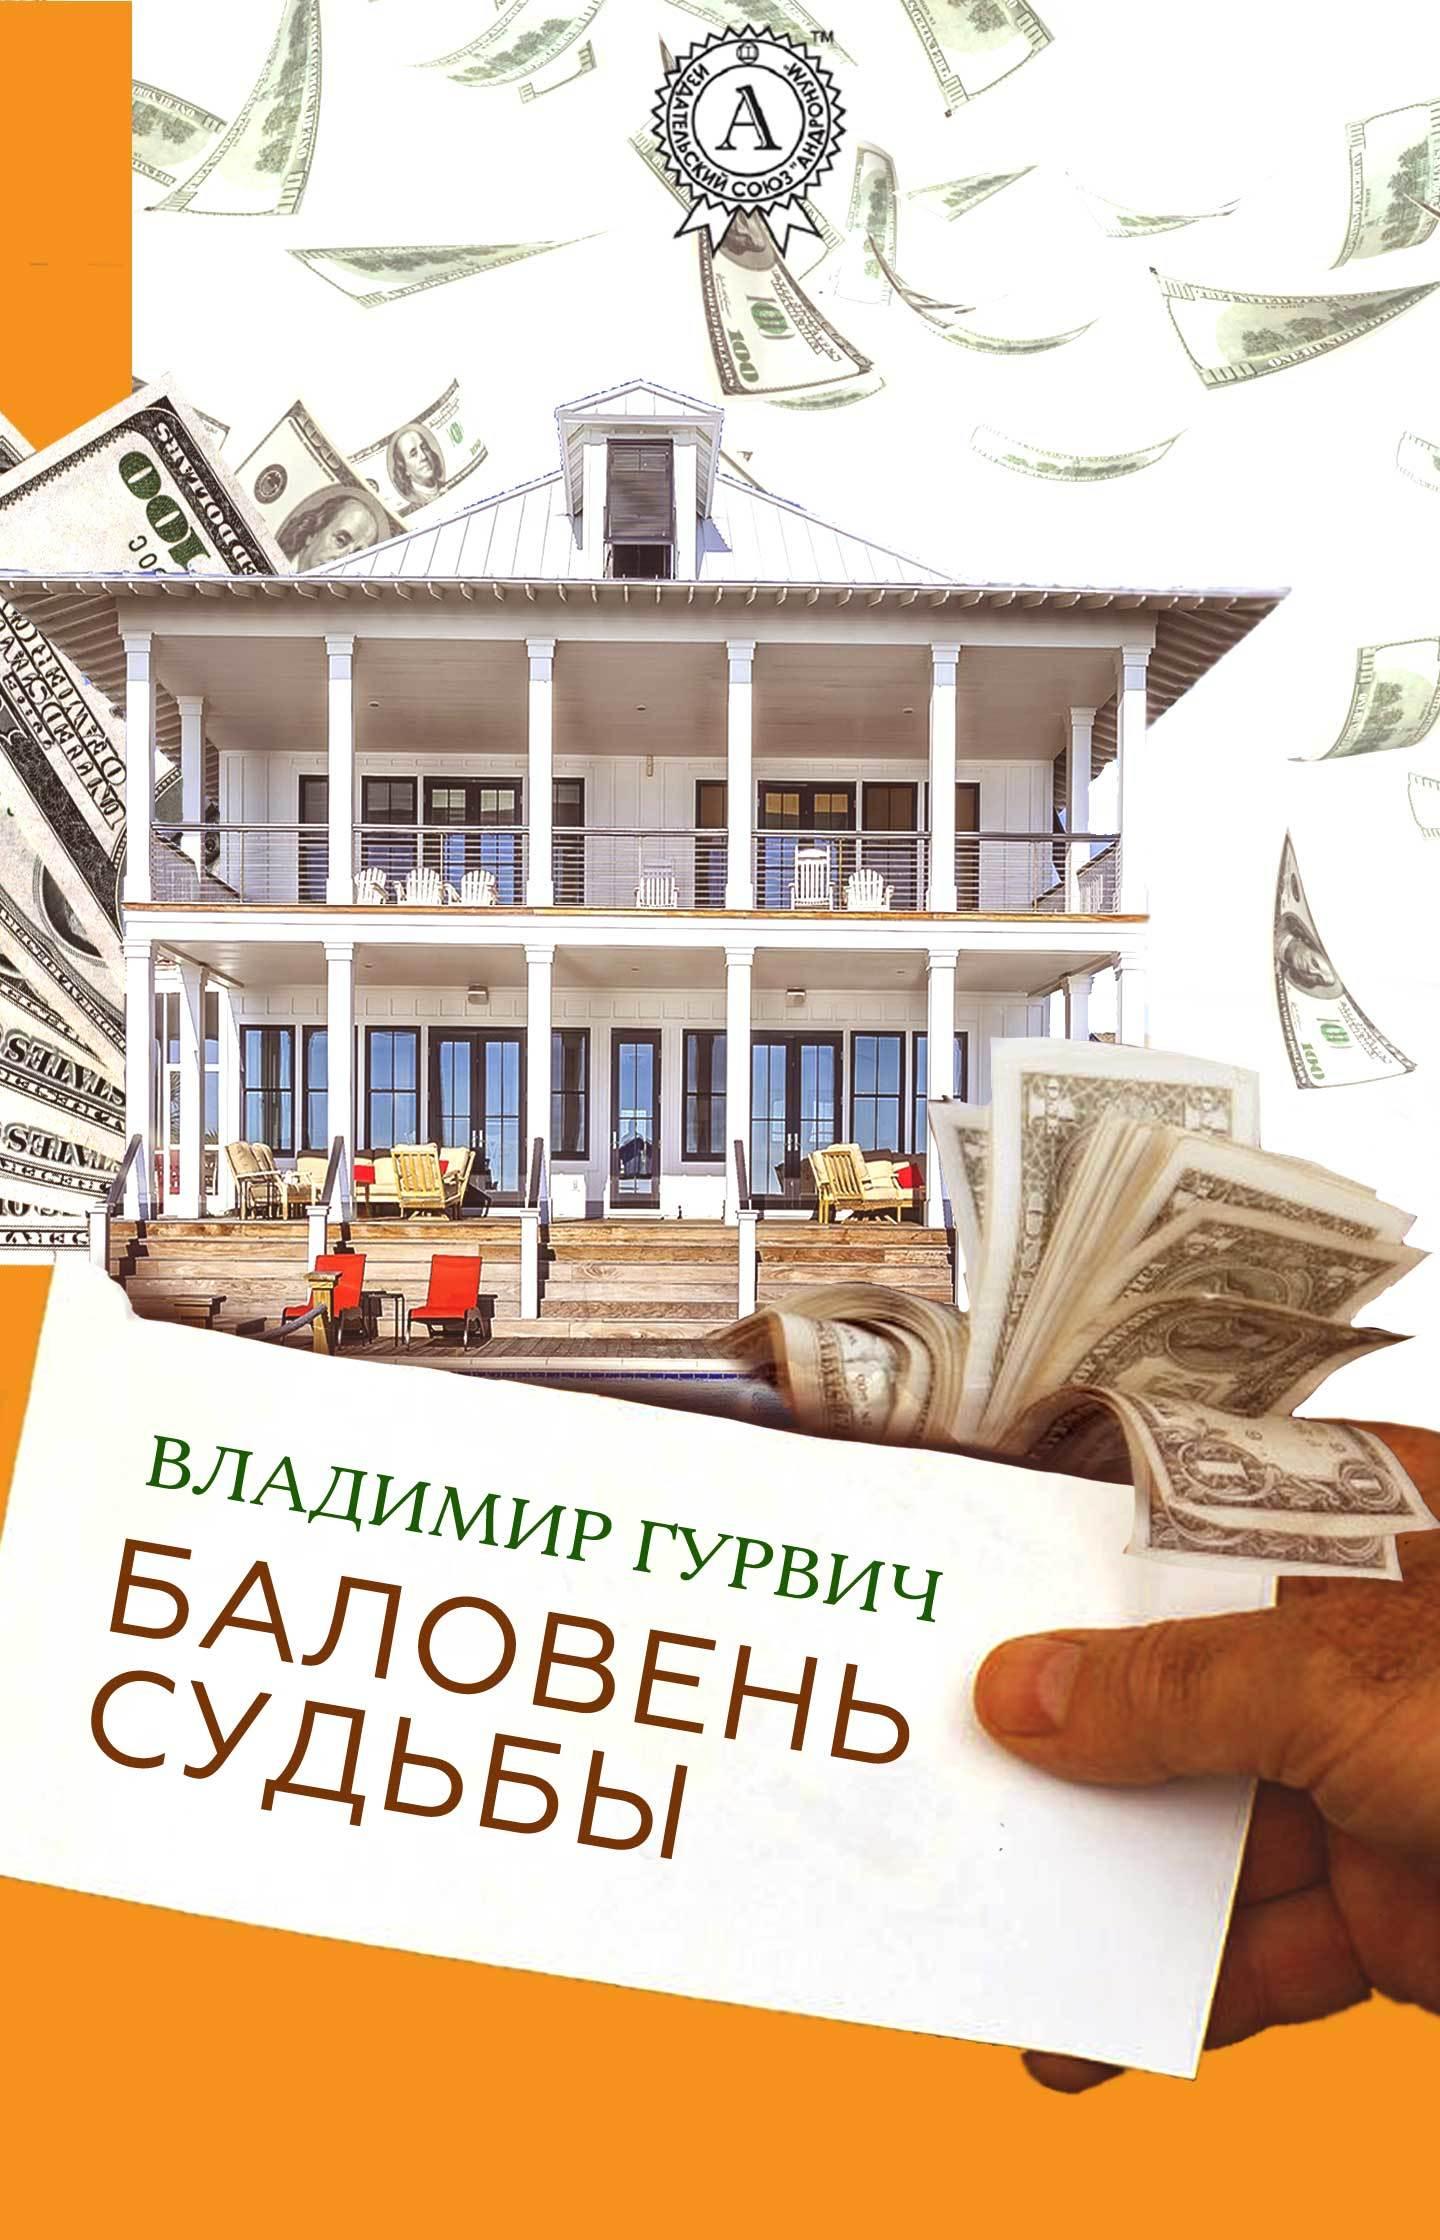 Владимир Гурвич «Баловень судьбы»